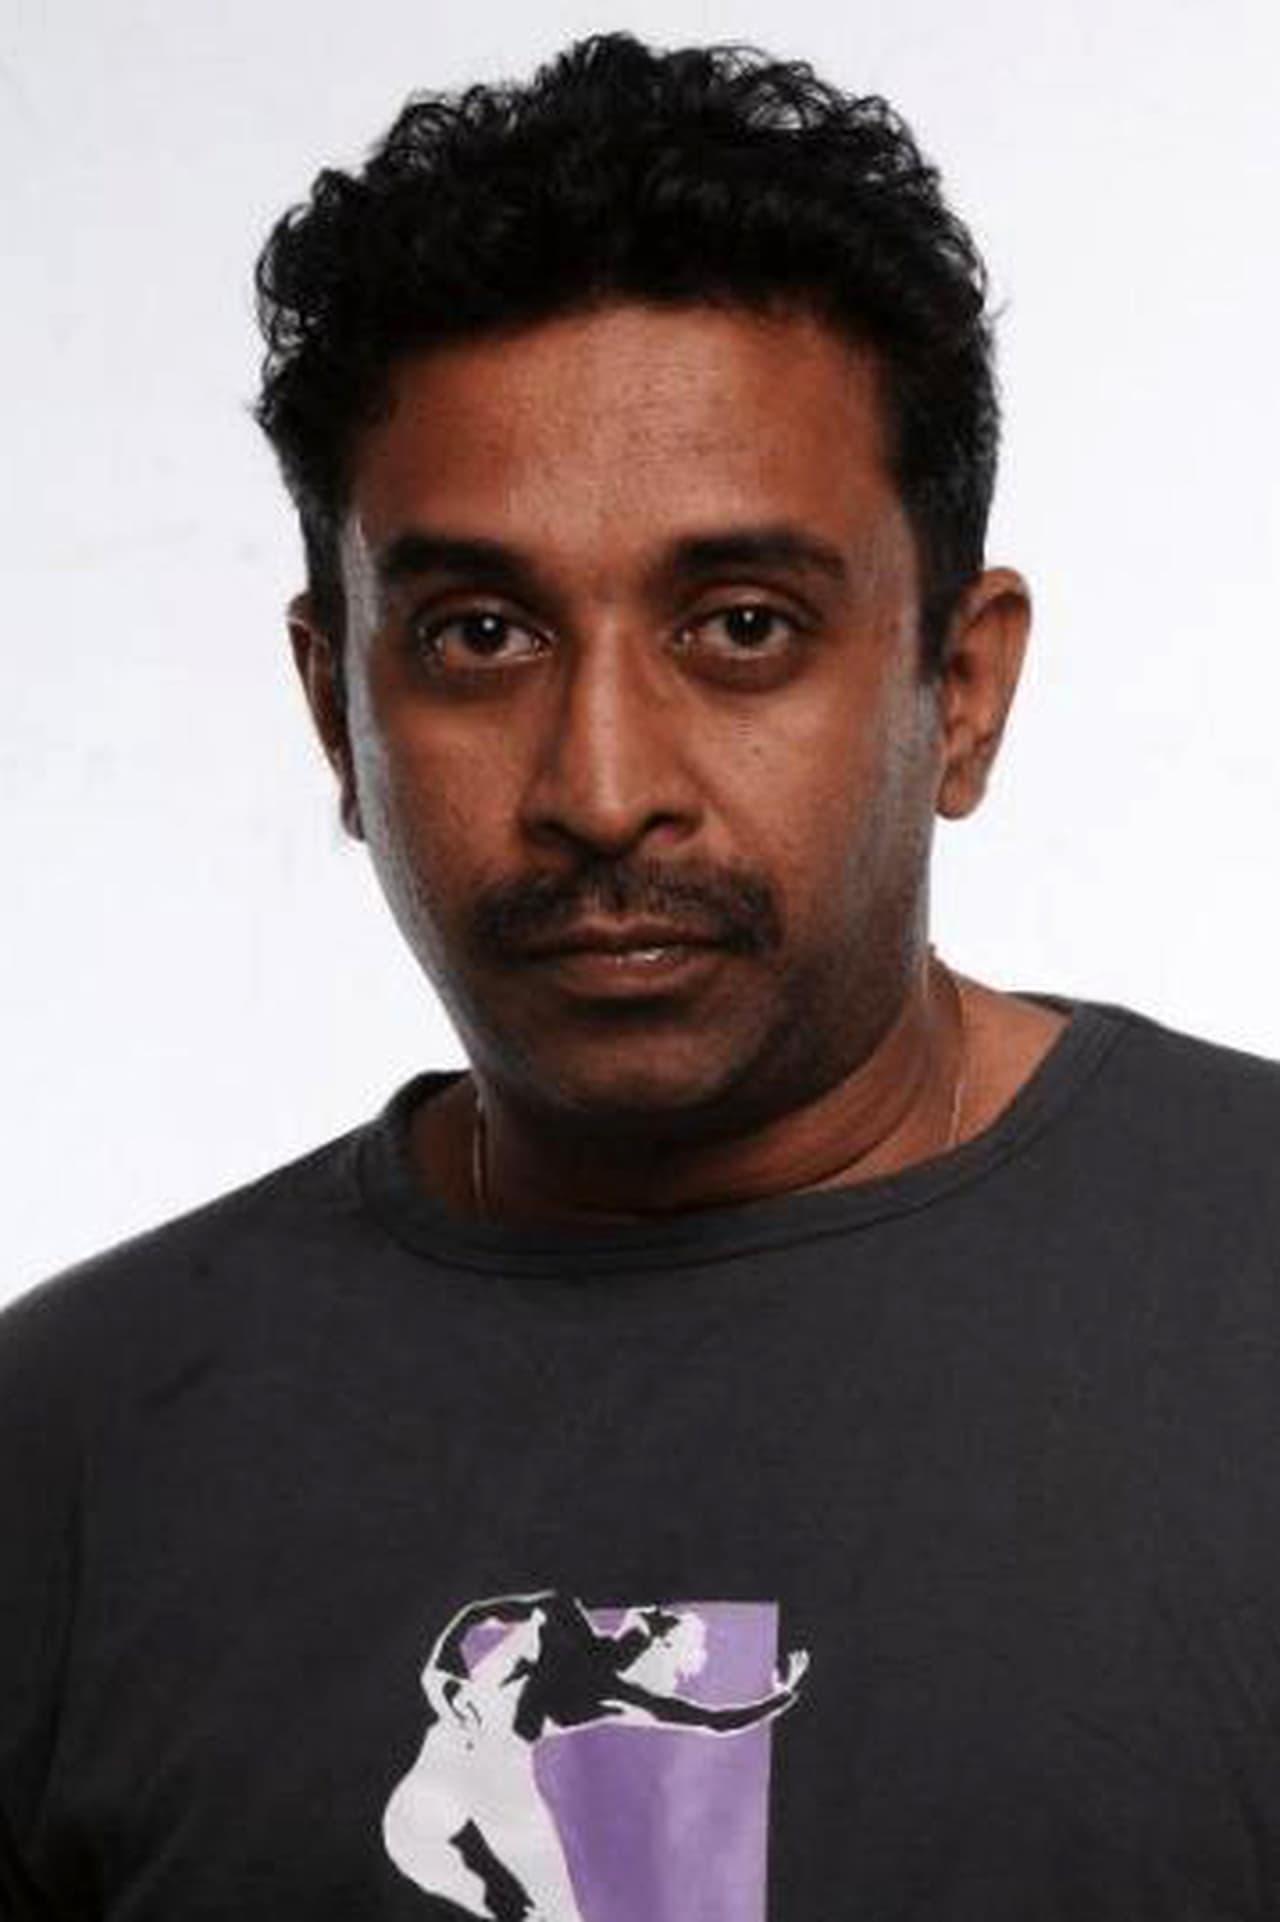 Gowtham Sundararajan